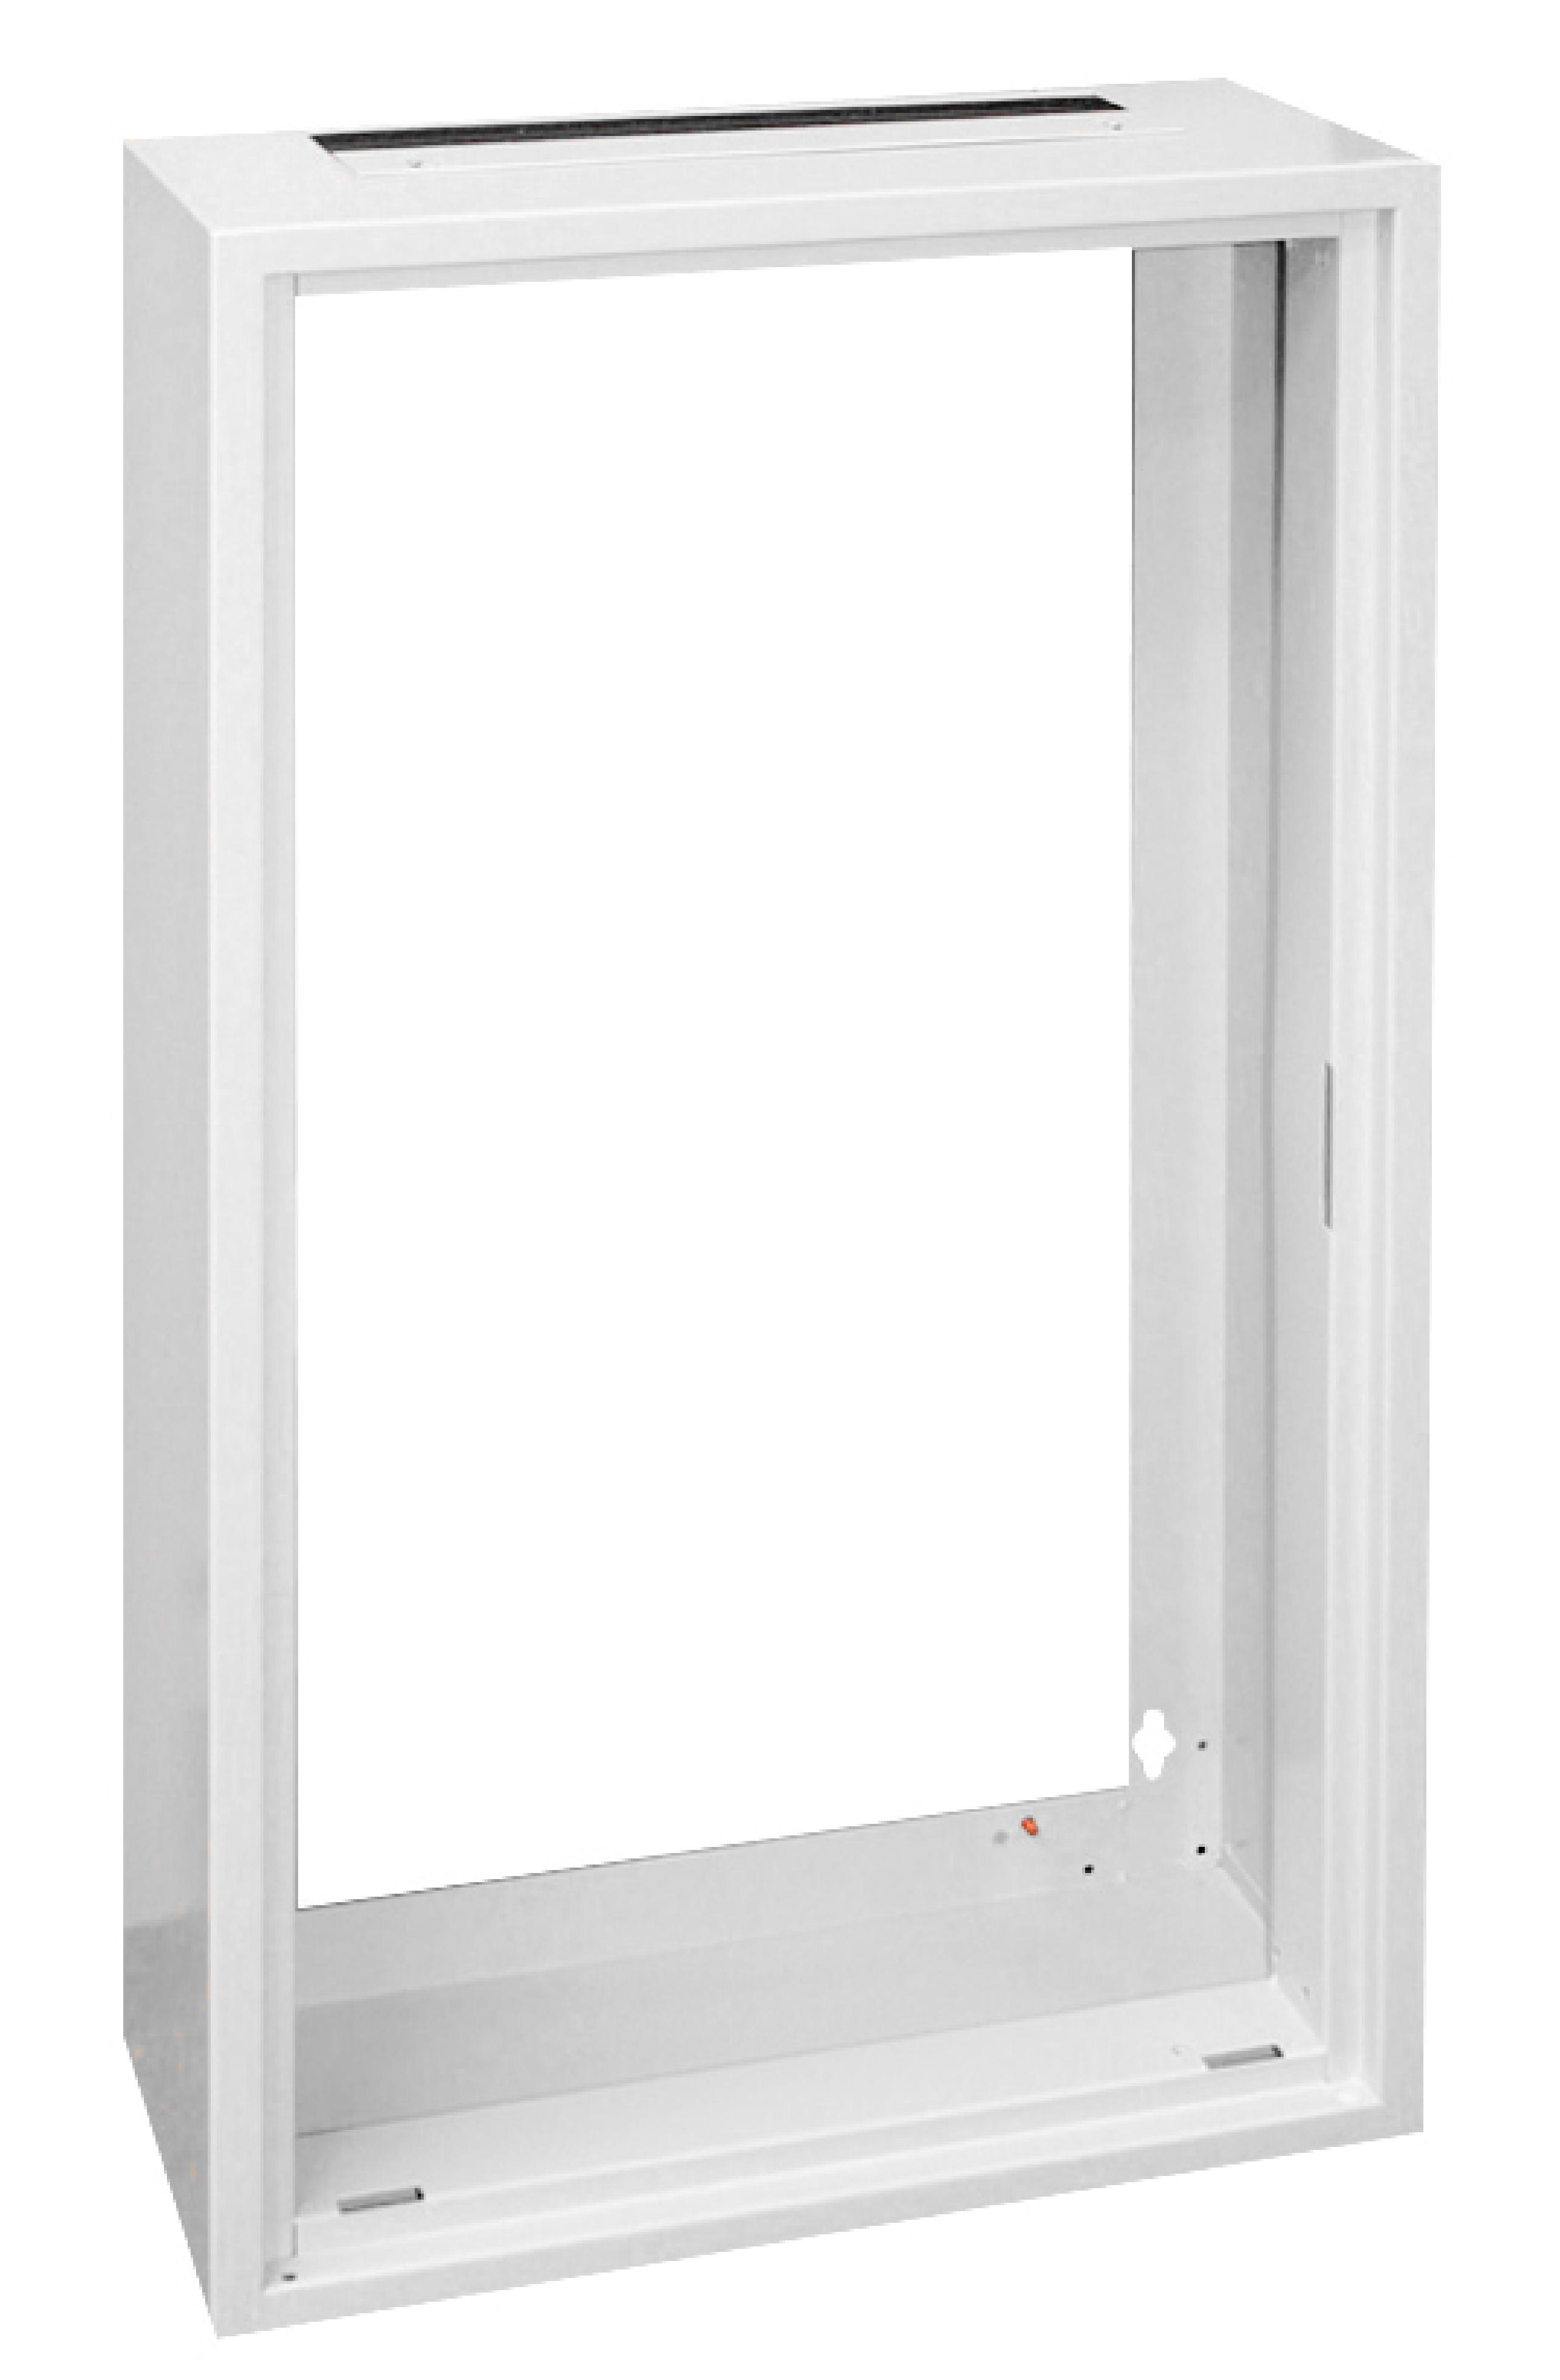 1 Stk AP-Rahmen ohne Türe und Rückwand 3A-45, H2160B810T250mm IL001345-F